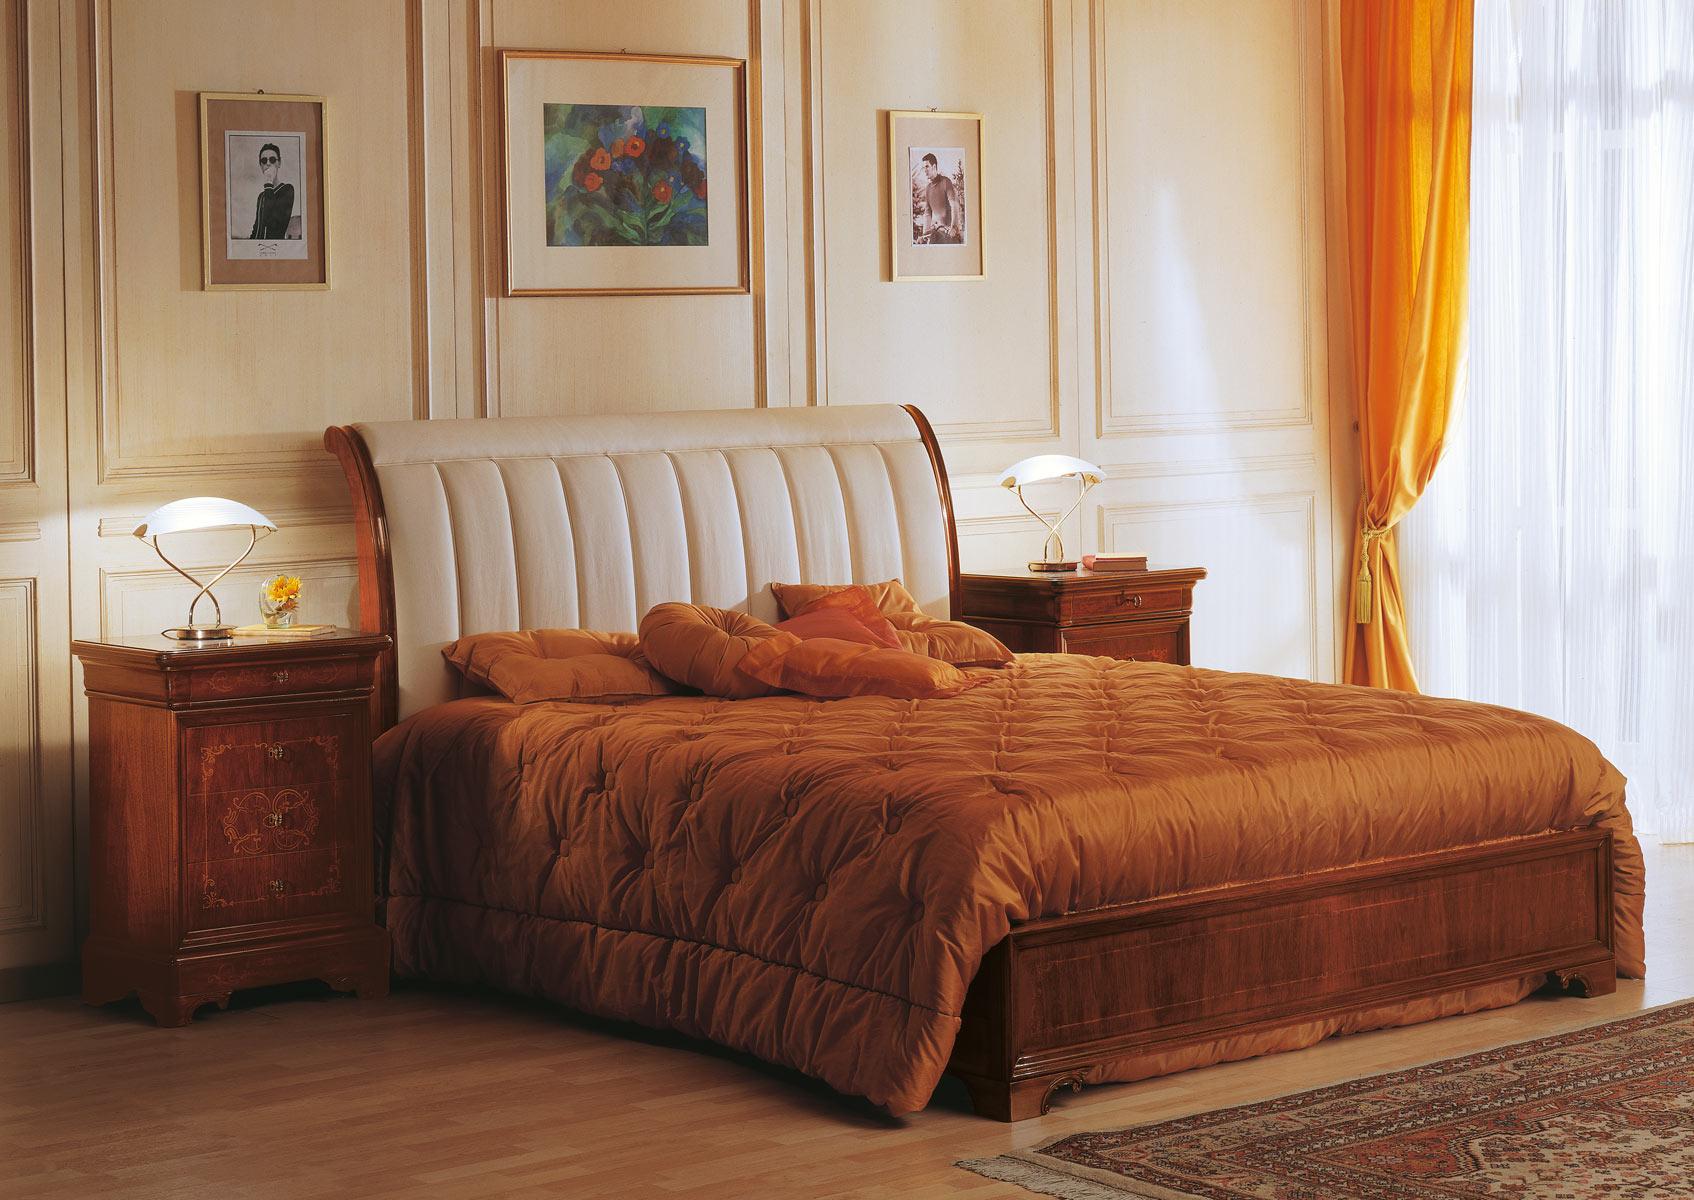 Camera da letto 800 francese letto con testata in pelle - Camera da letto in francese ...